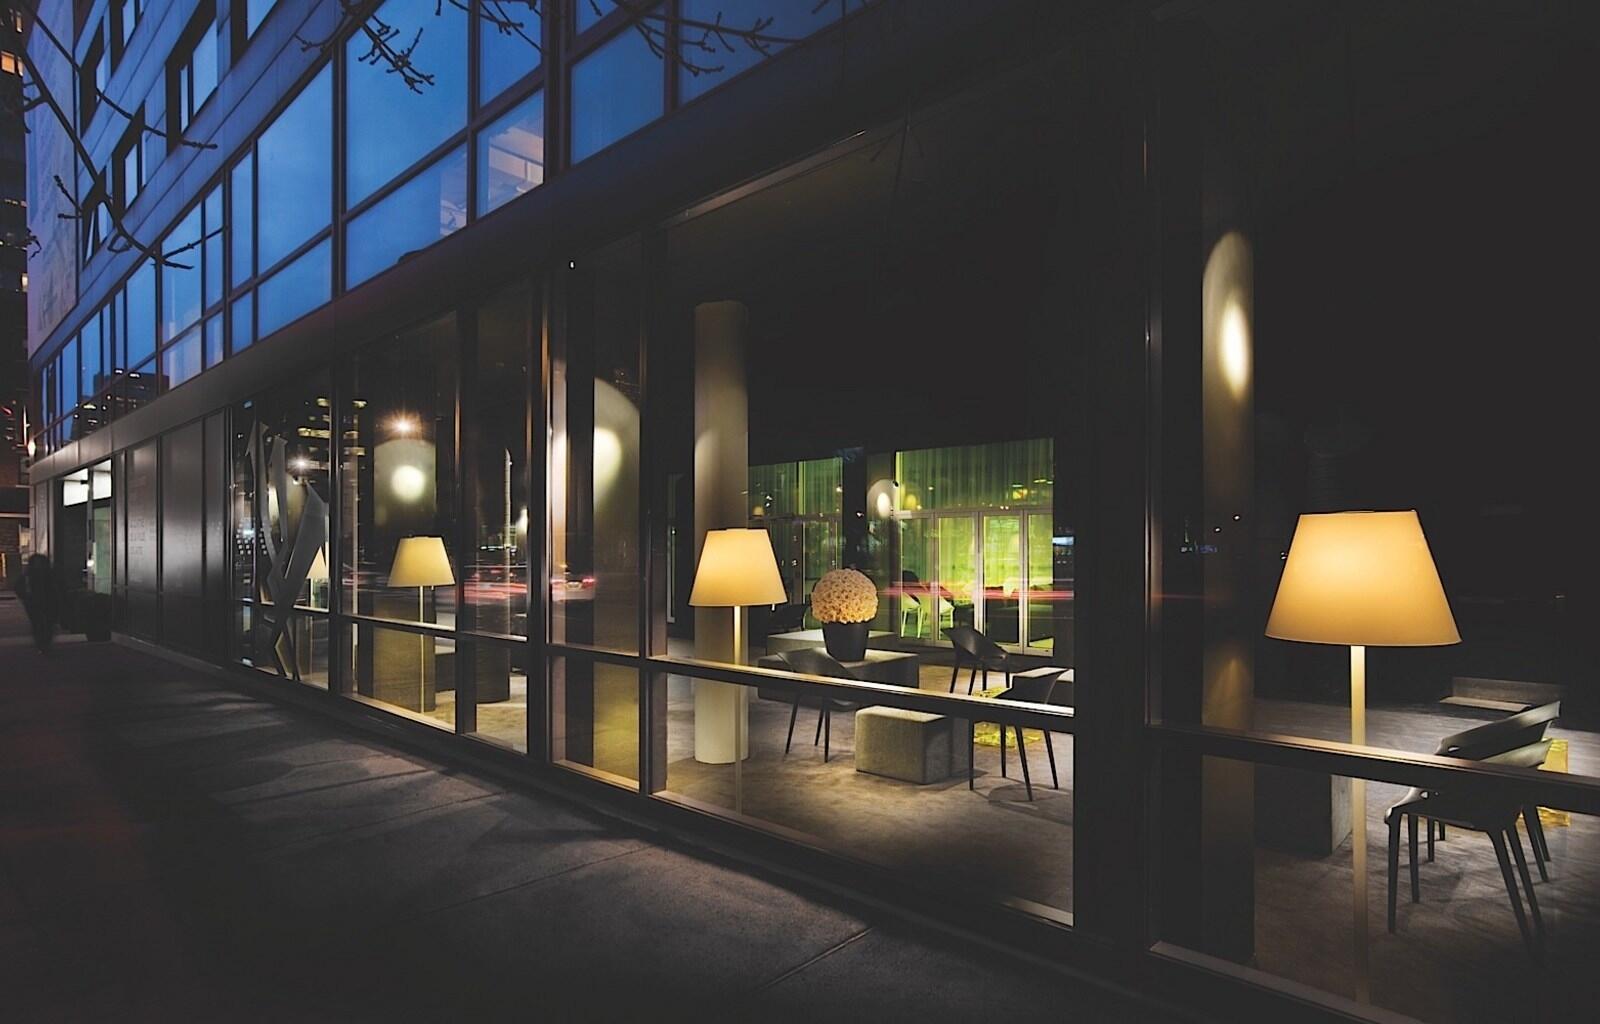 Hotel ZERO1 Lobby at Night